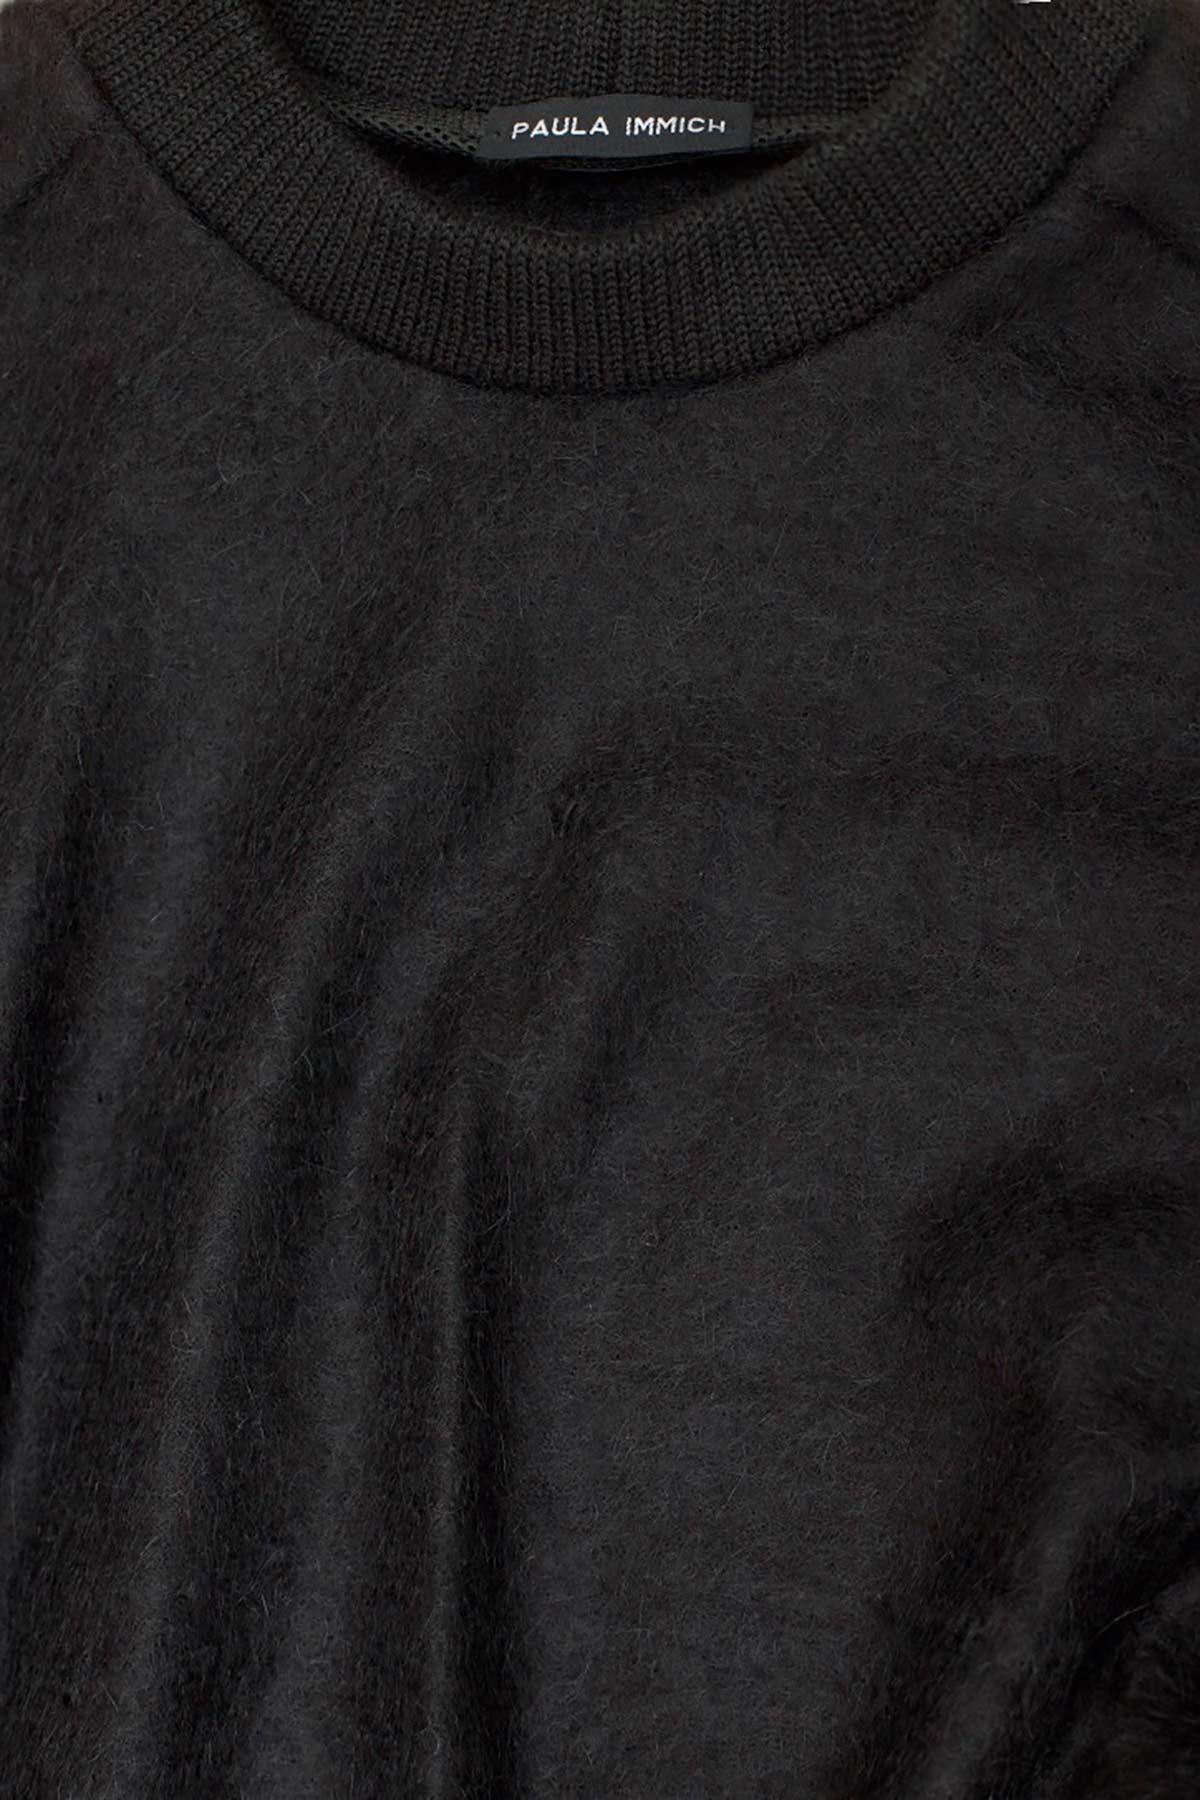 paula-immich-langer-Pullover-zum-Binden-aus-leichtem-wollgemisch